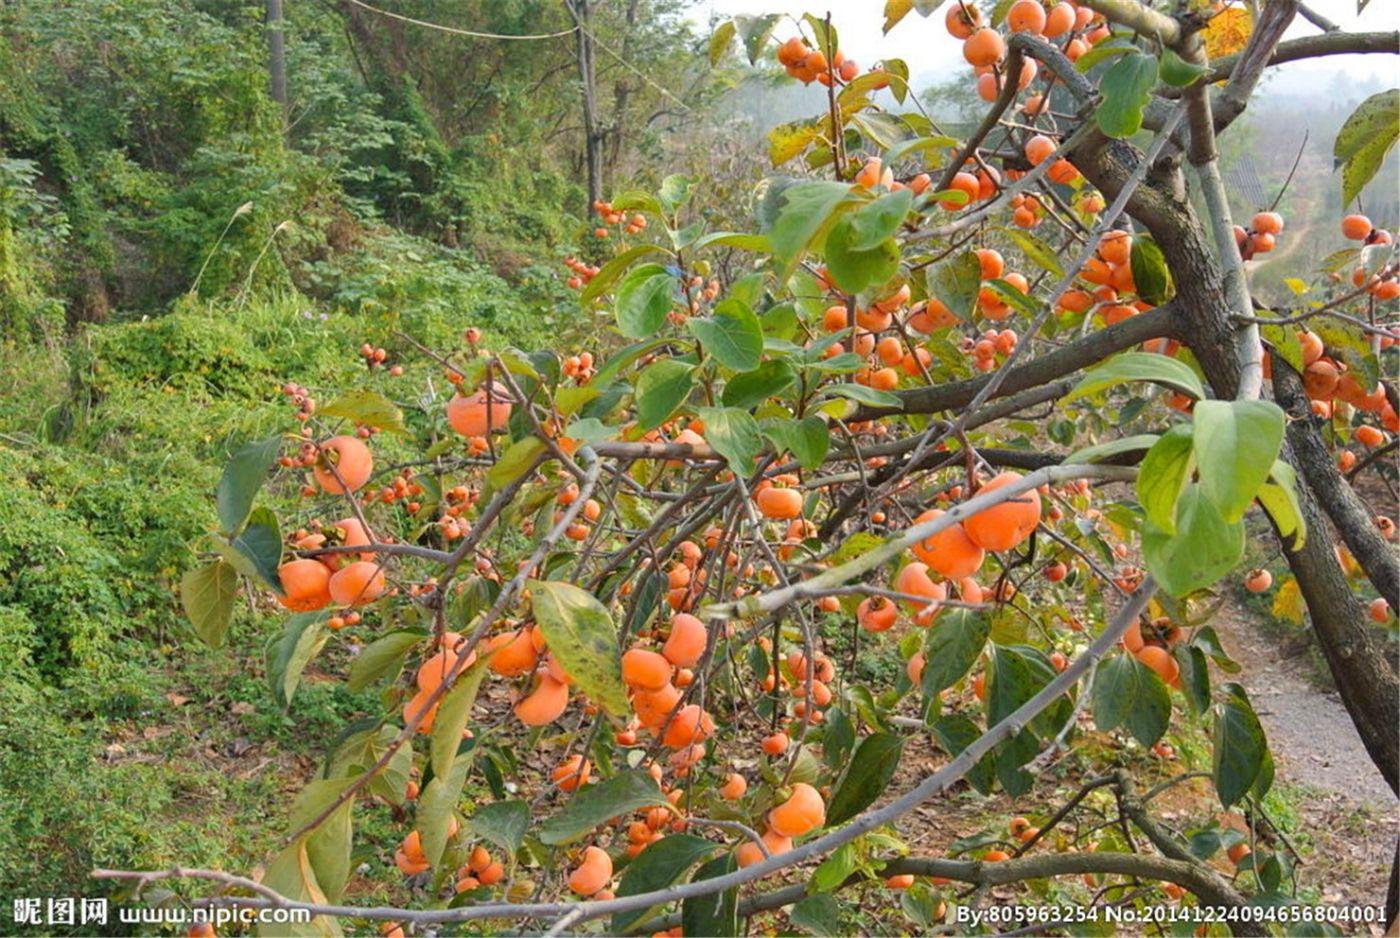 柿子也很漂亮_图1-5